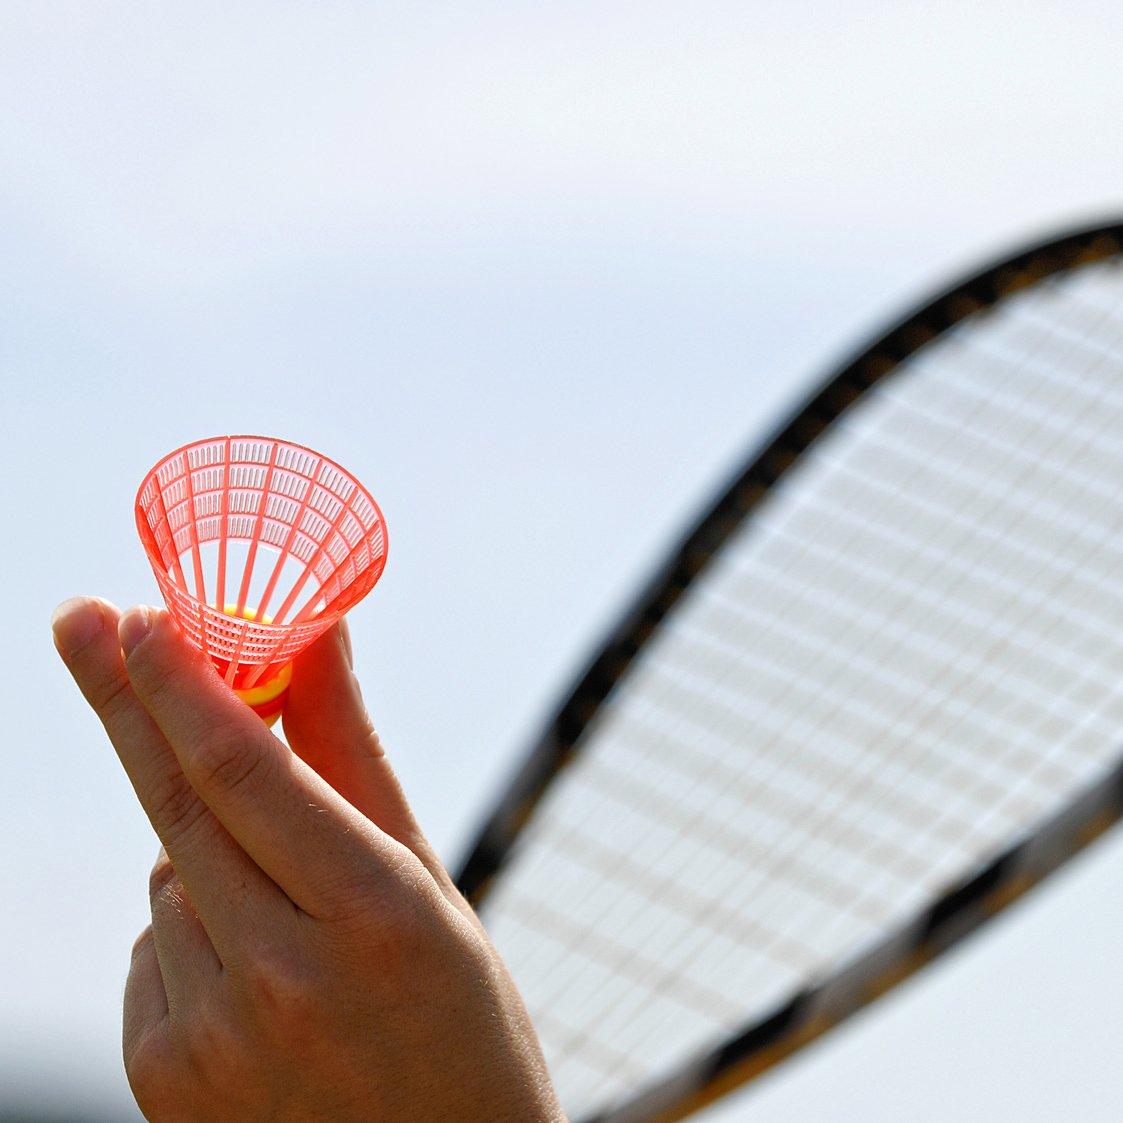 Turbo Badminton Set 2 Schl/äger mit 5 Federb/ällen Federball Badminton